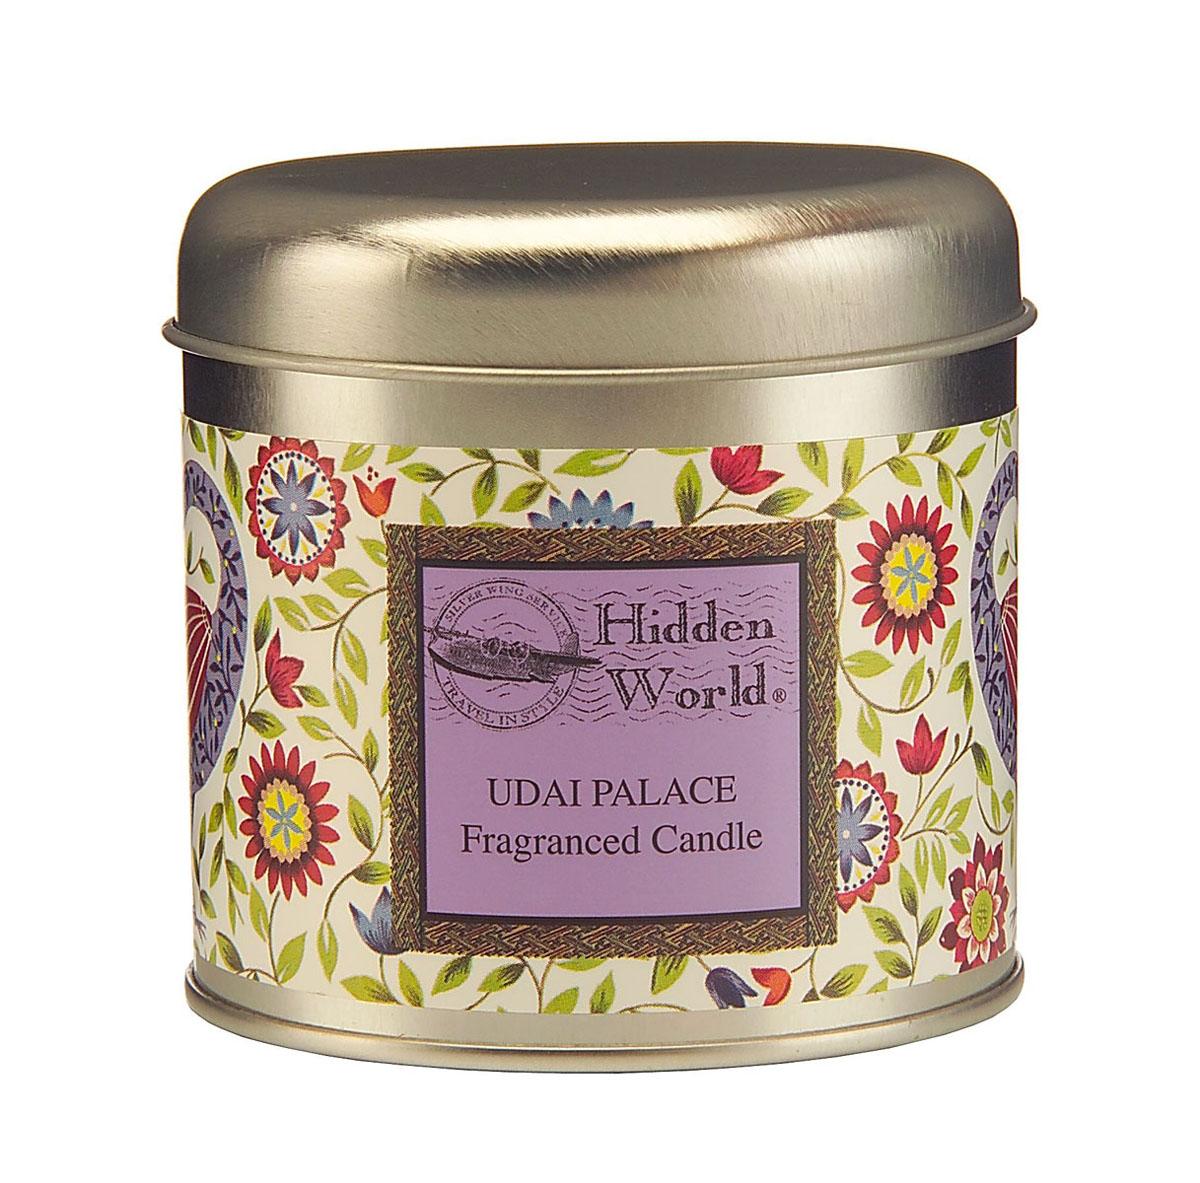 Wax Lyrical Дворец махараджи ароматическая свеча в алюминии, 35 часов wax depilatory